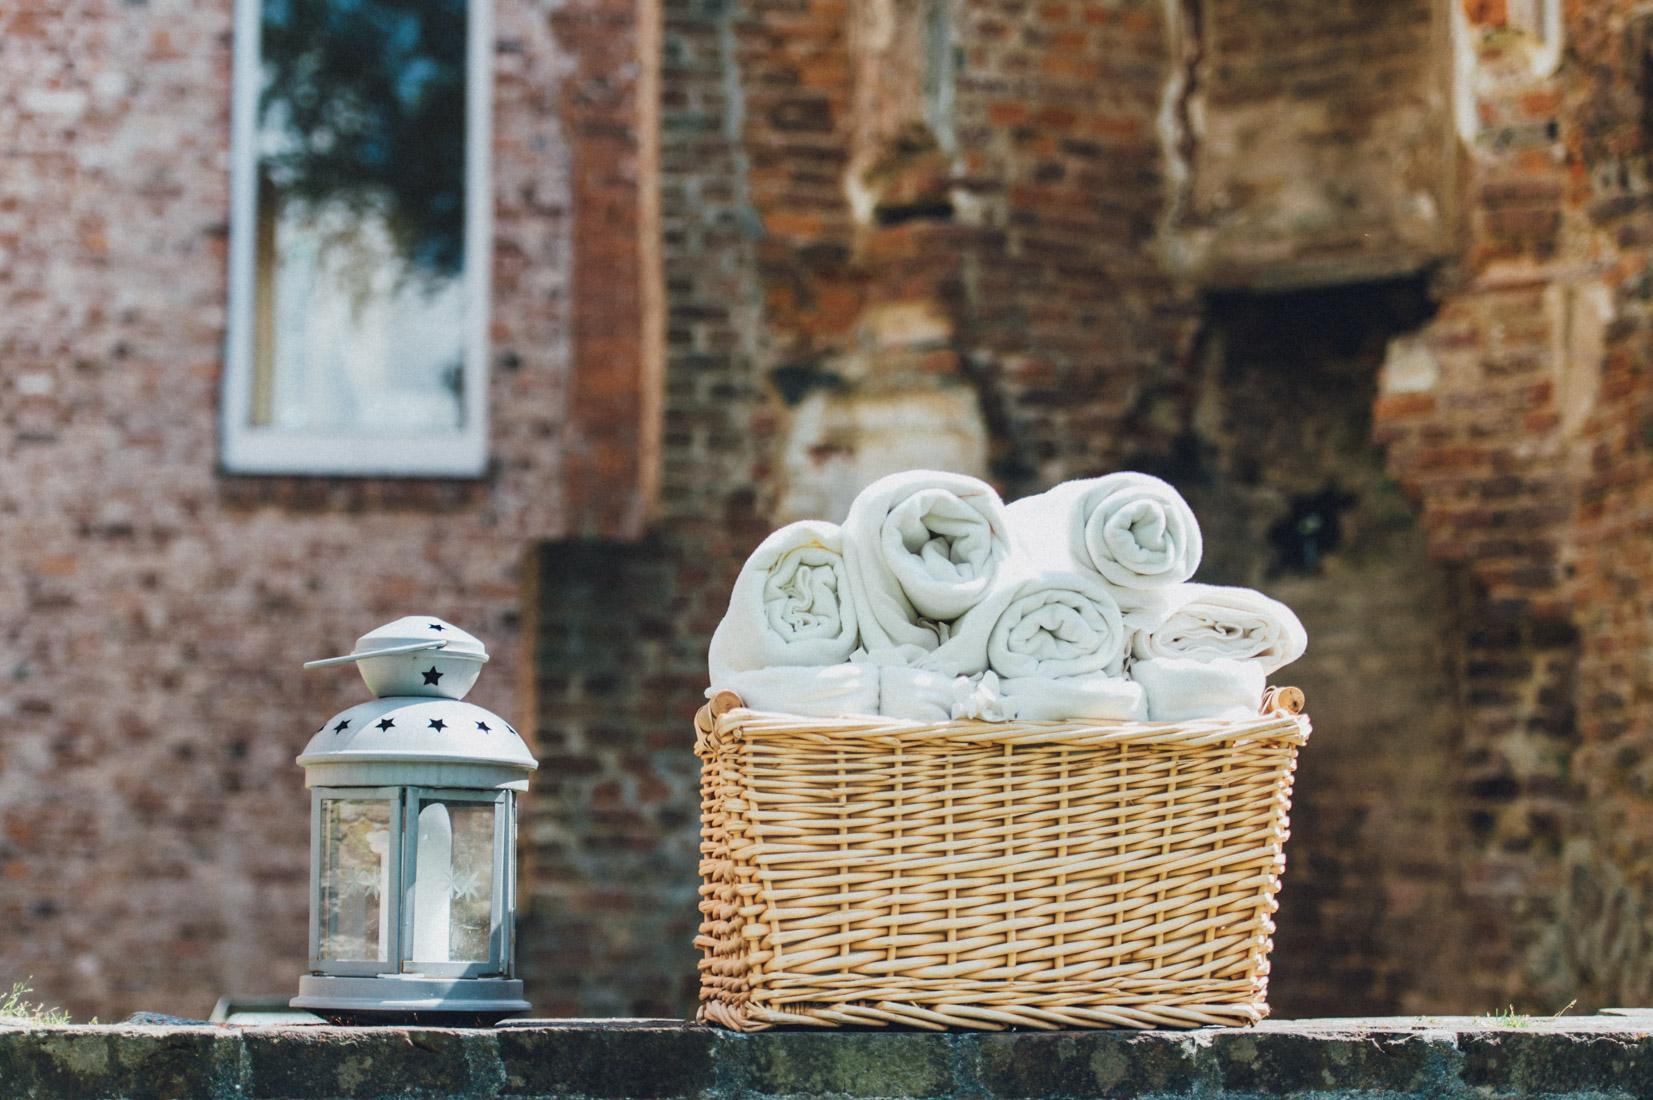 pastel-vintage-hertefeld-79 hochzeitsfotograf schloss hertefeldGalina & Robert DIY Pastel Vintage Hochzeit auf Schloss Hertefeldpastel vintage hertefeld 79